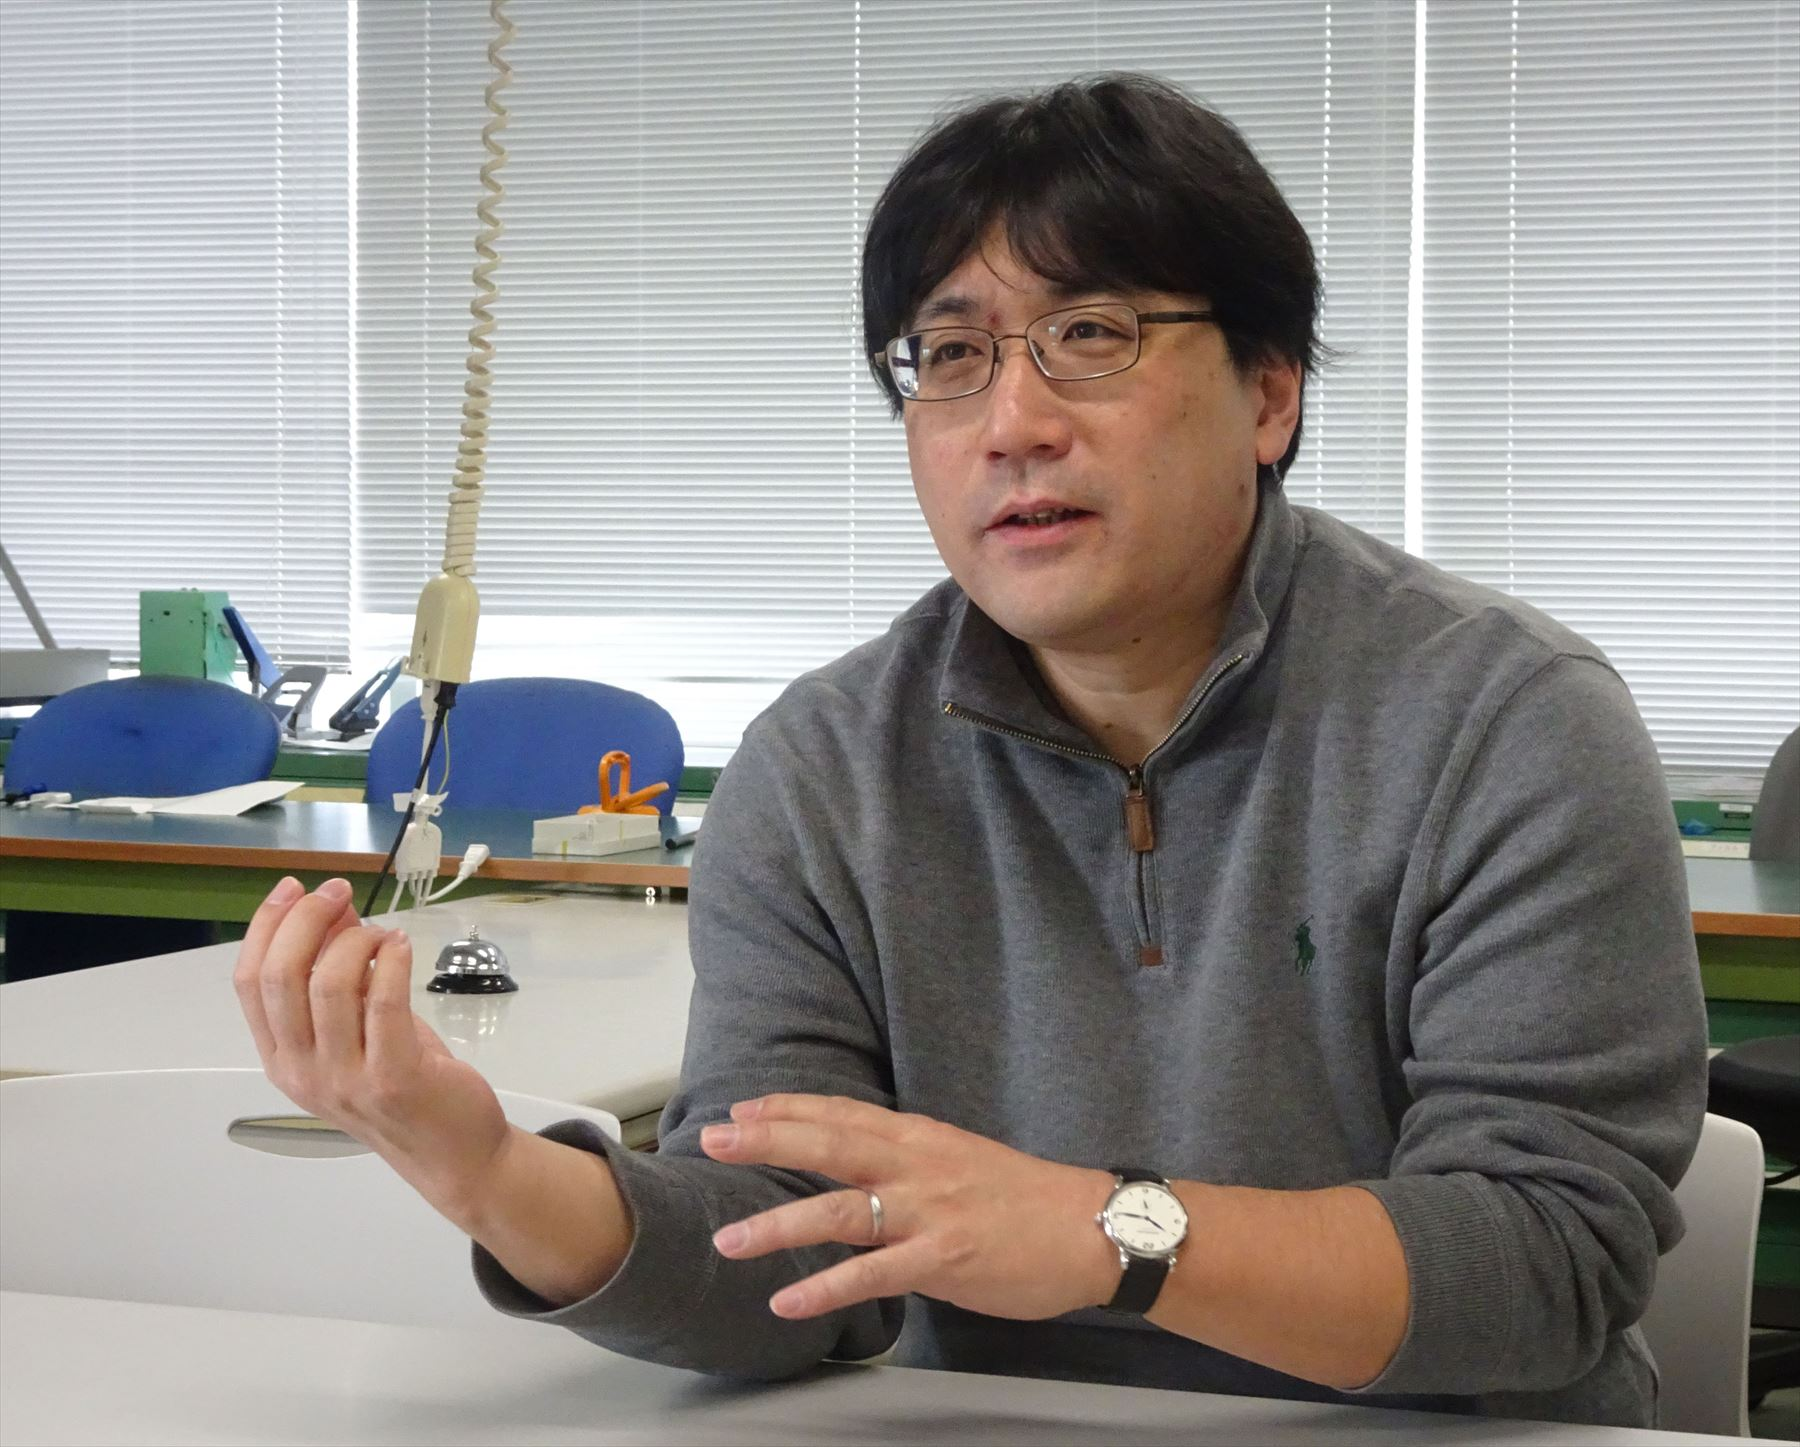 カーリングAIを開発している北海道大学の山本教授